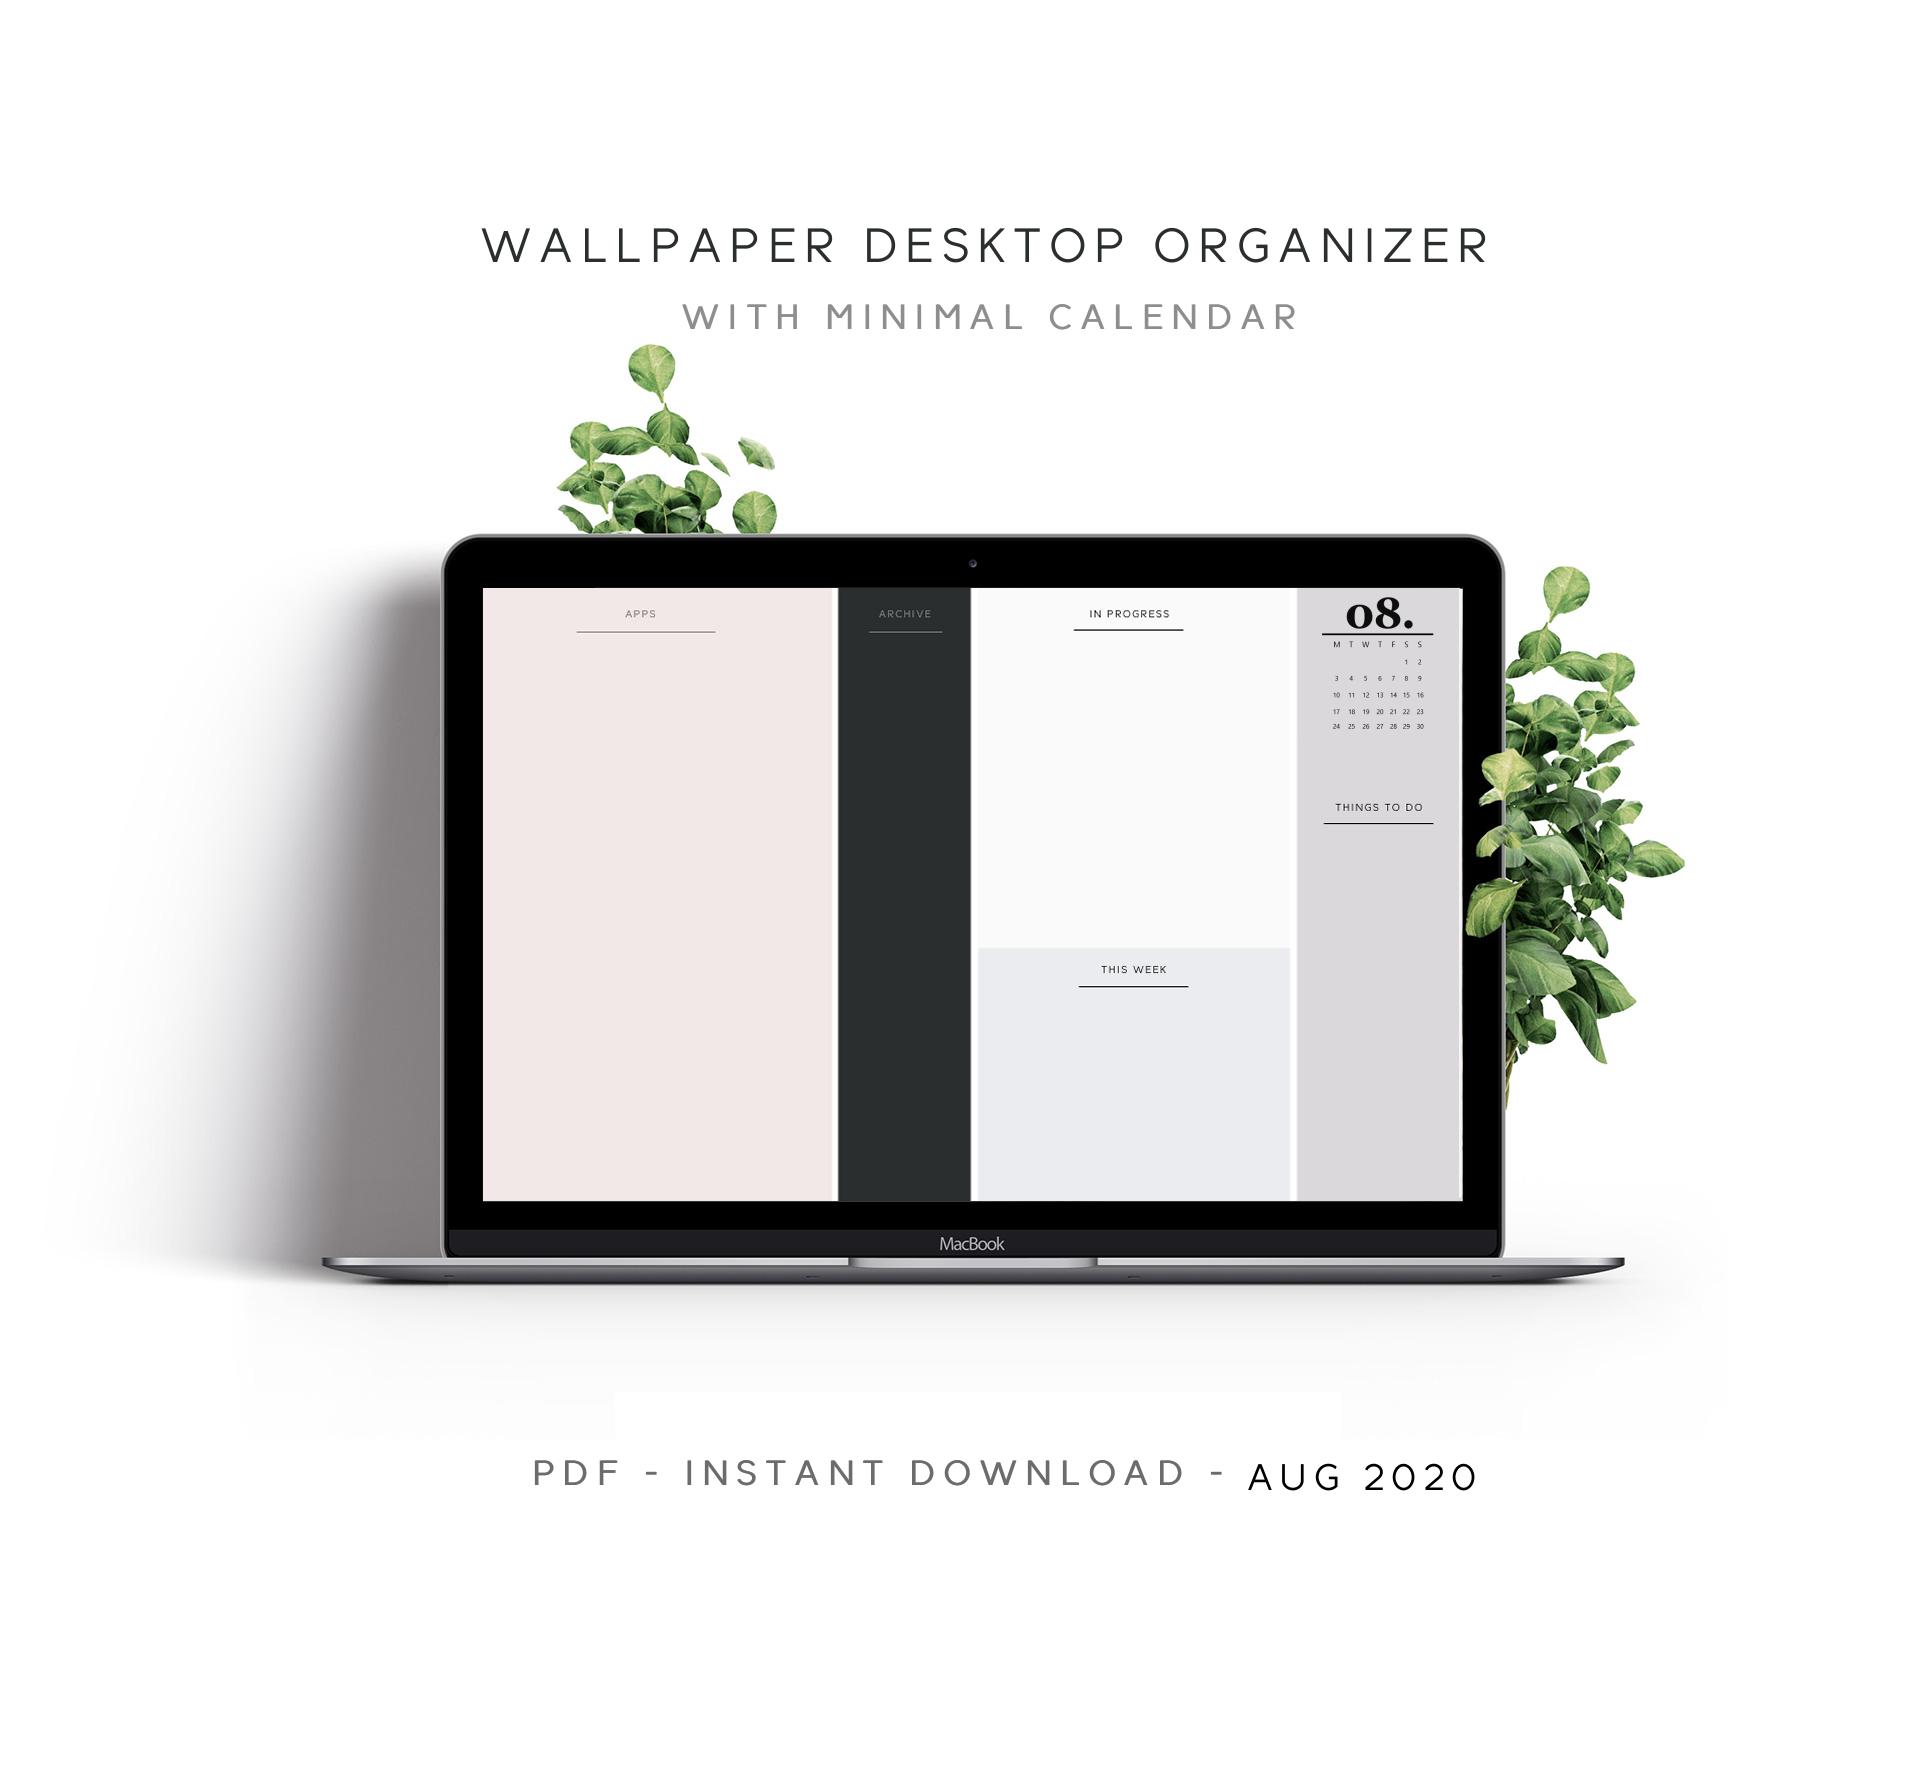 August 2020 Desktop Wallpaper Organizer With Minimalist Calendar Desktop Wallpaper Organizer Minimalist Calendar Desktop Organization